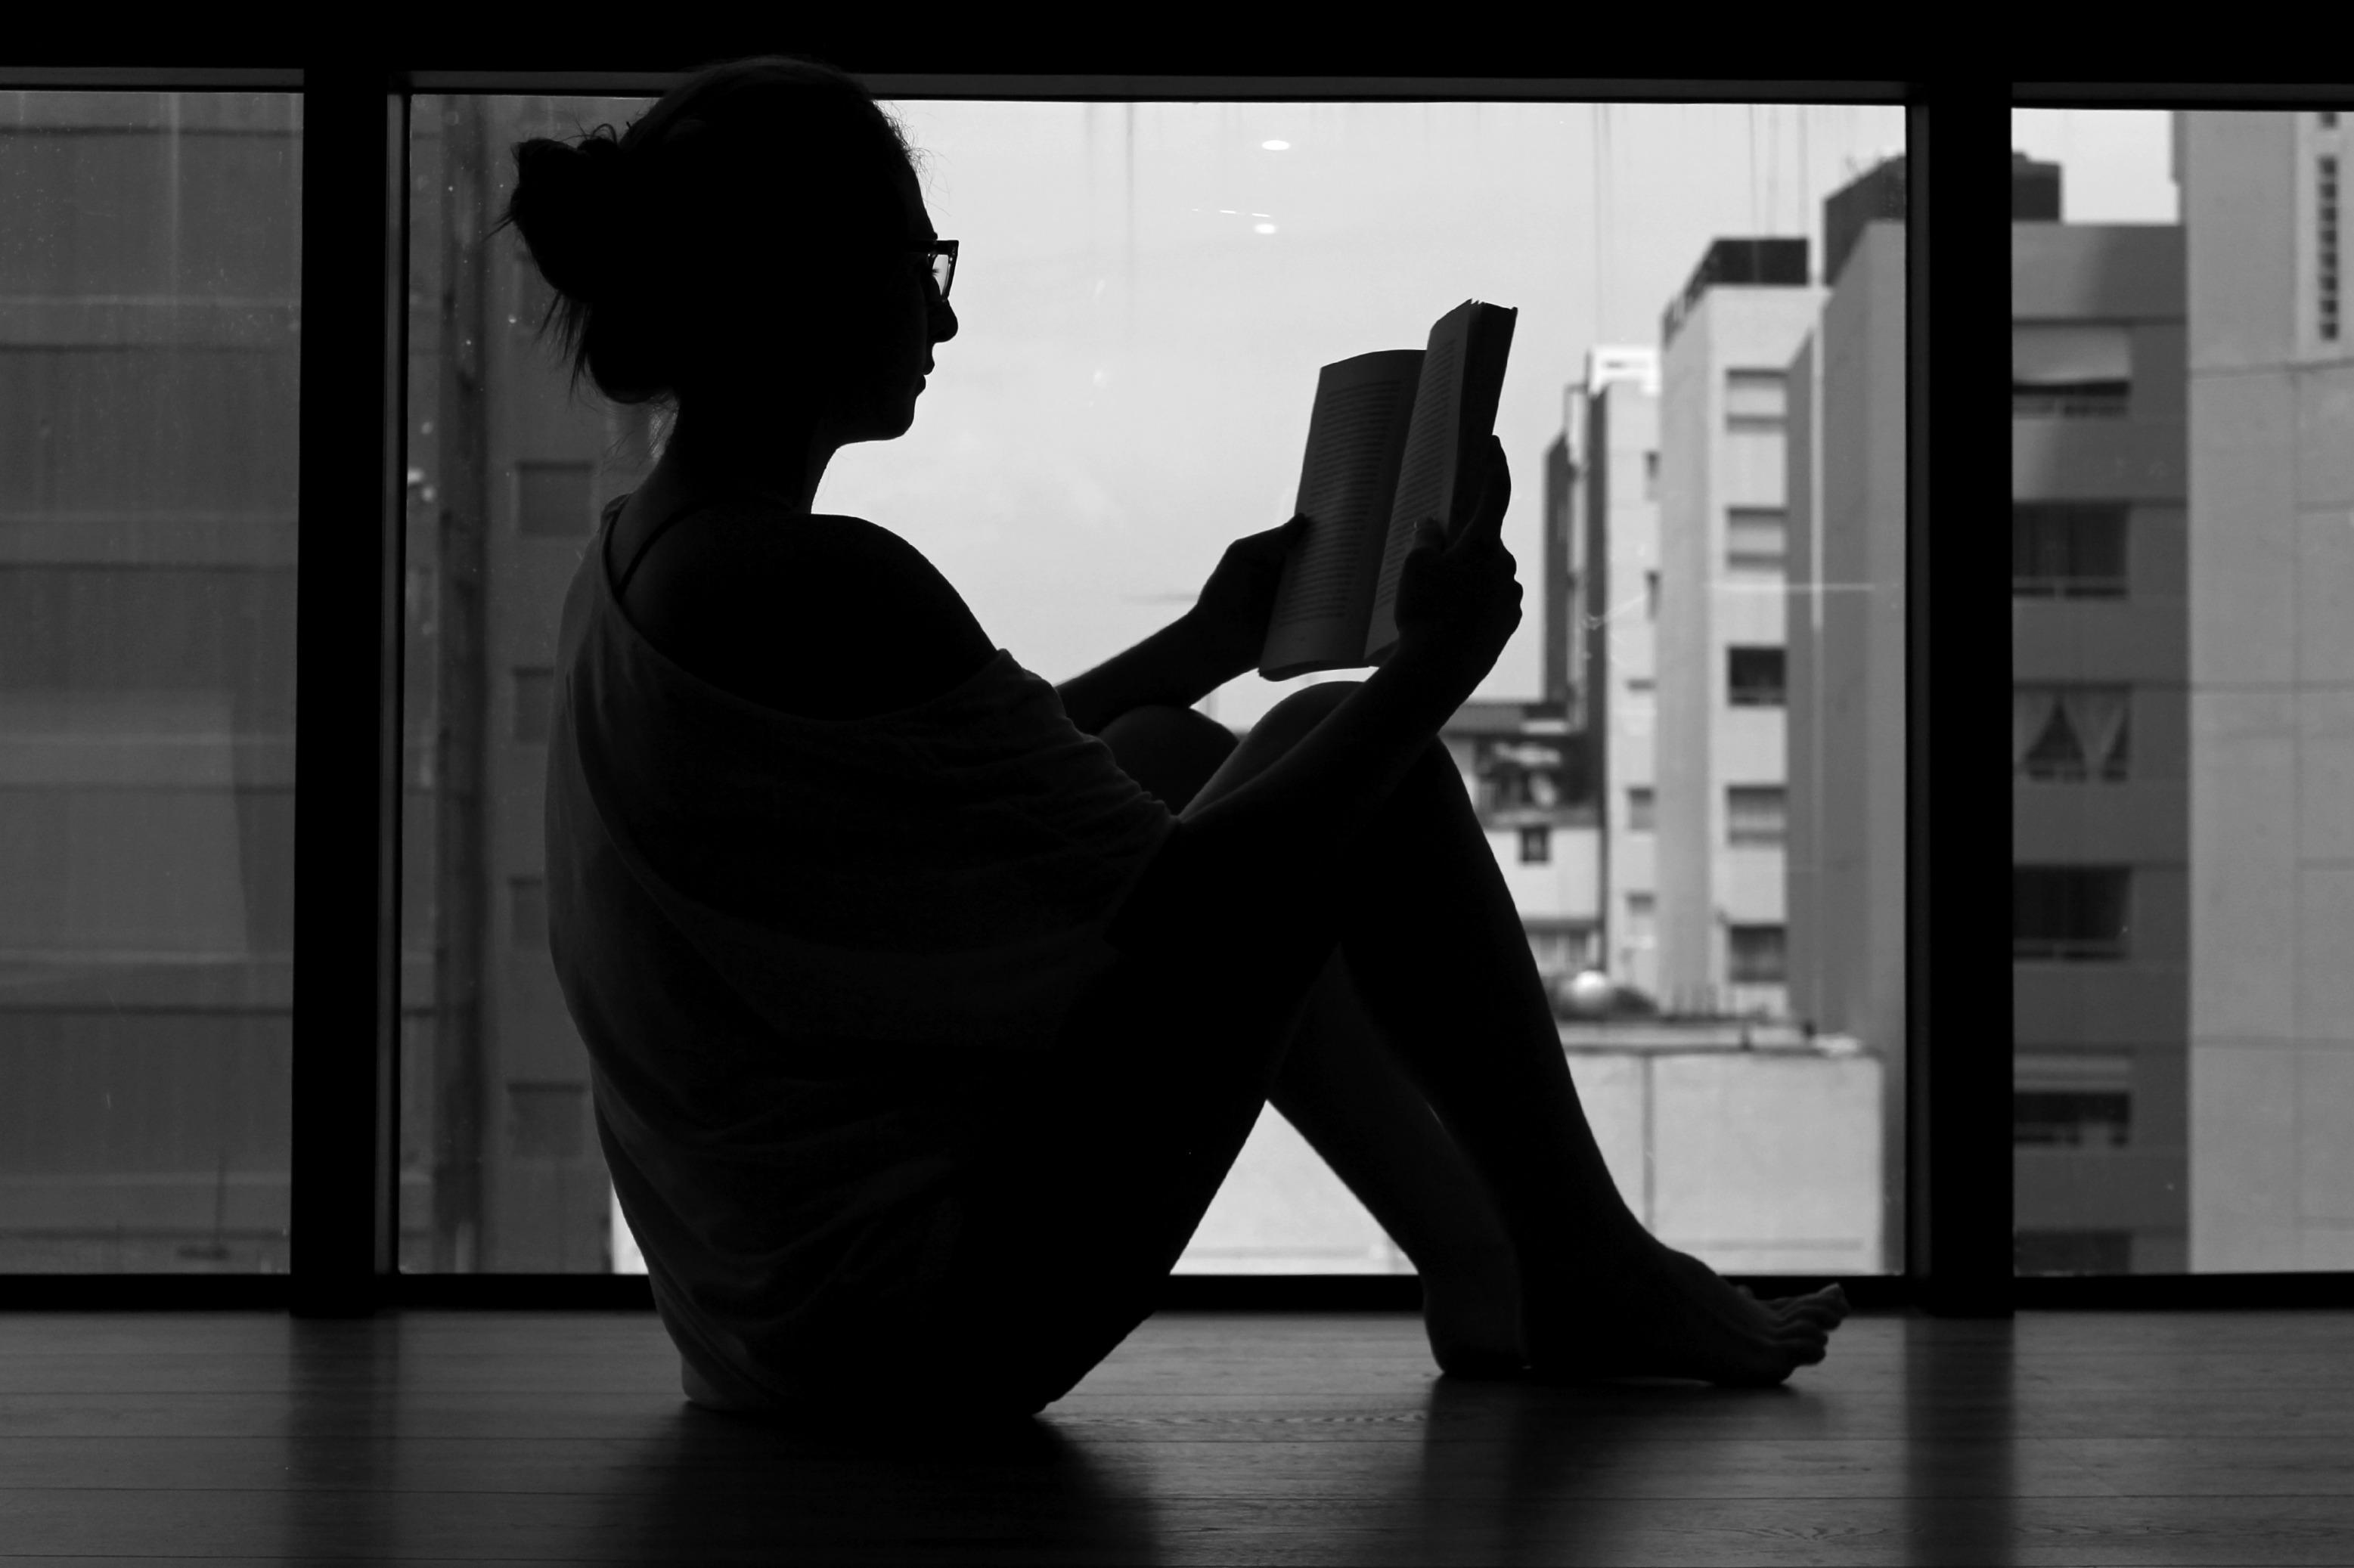 Dark Person Reading